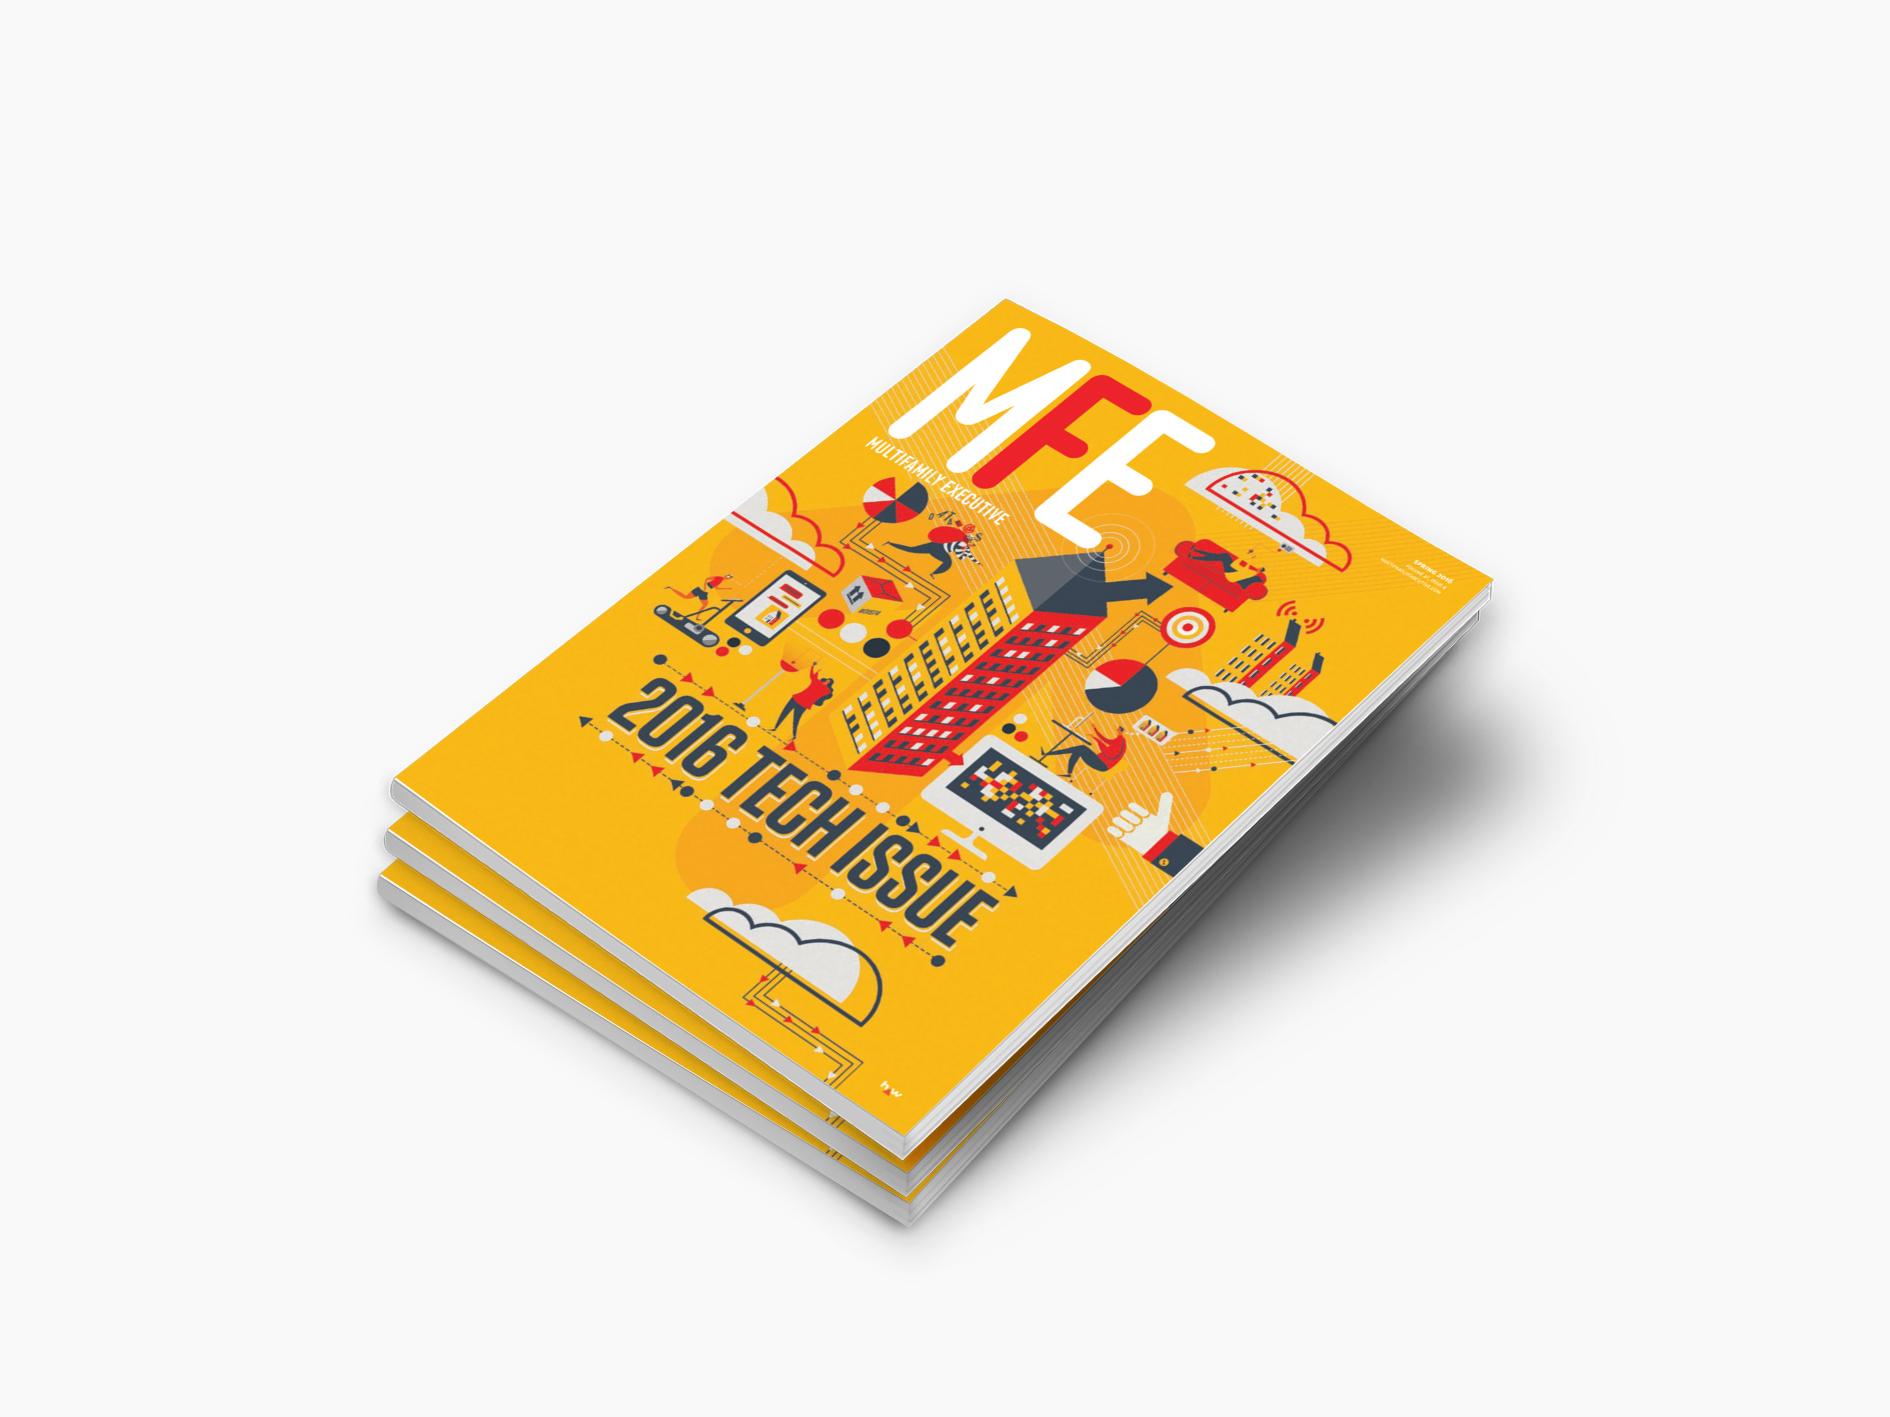 MFE Magazine